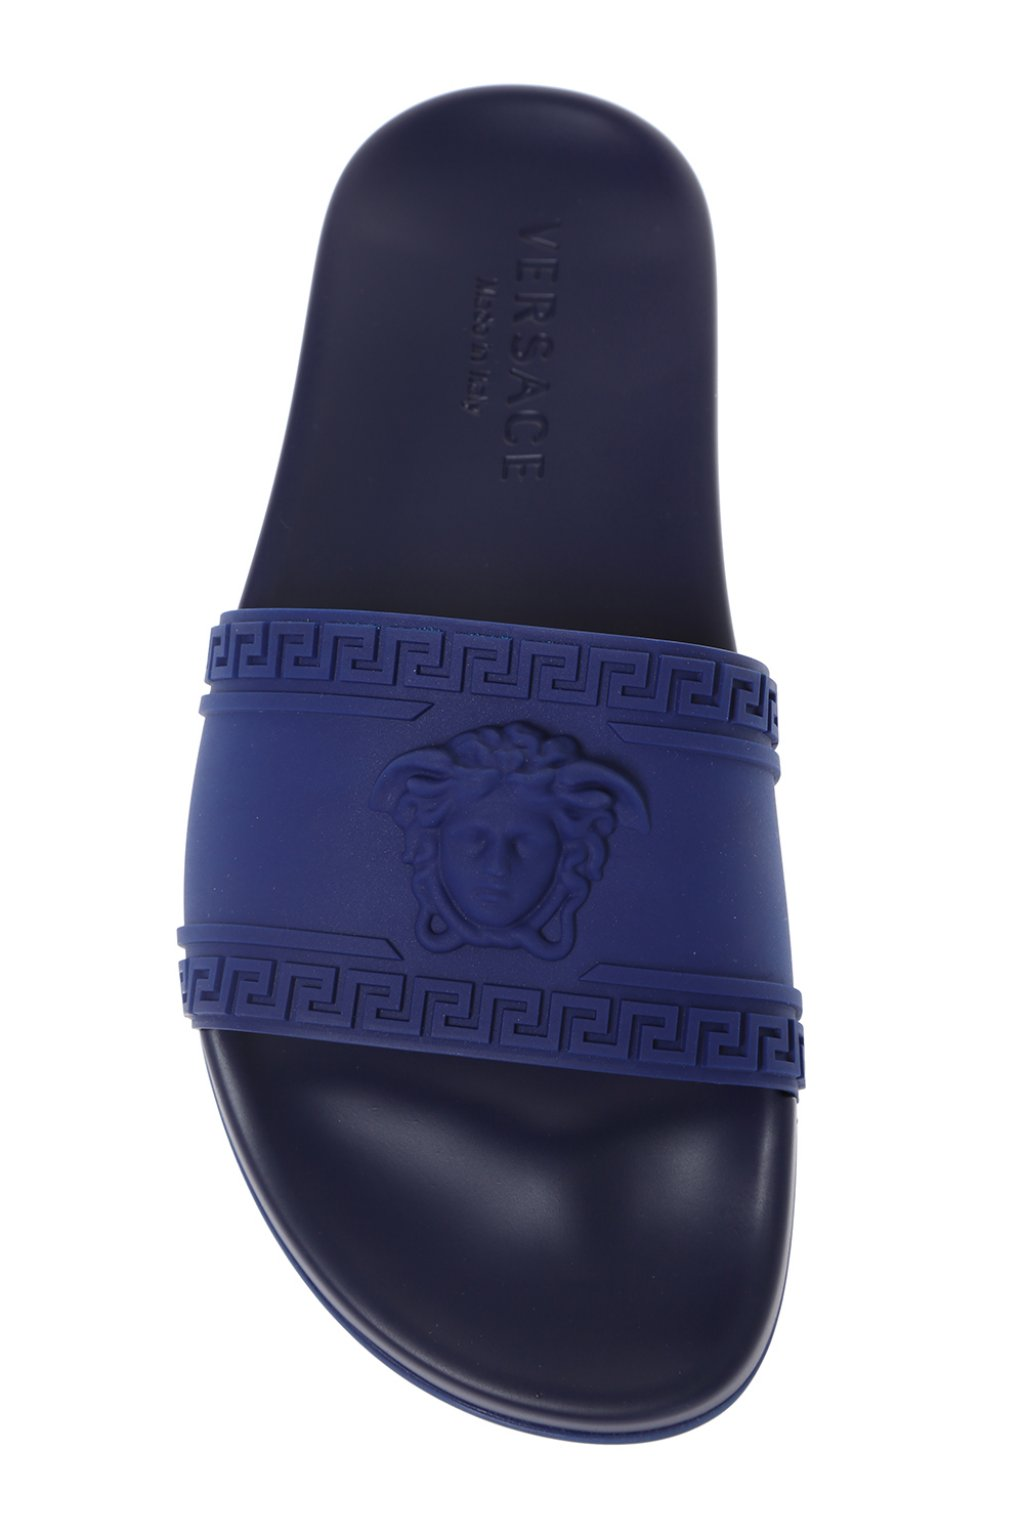 Versace Slides with Medusa head